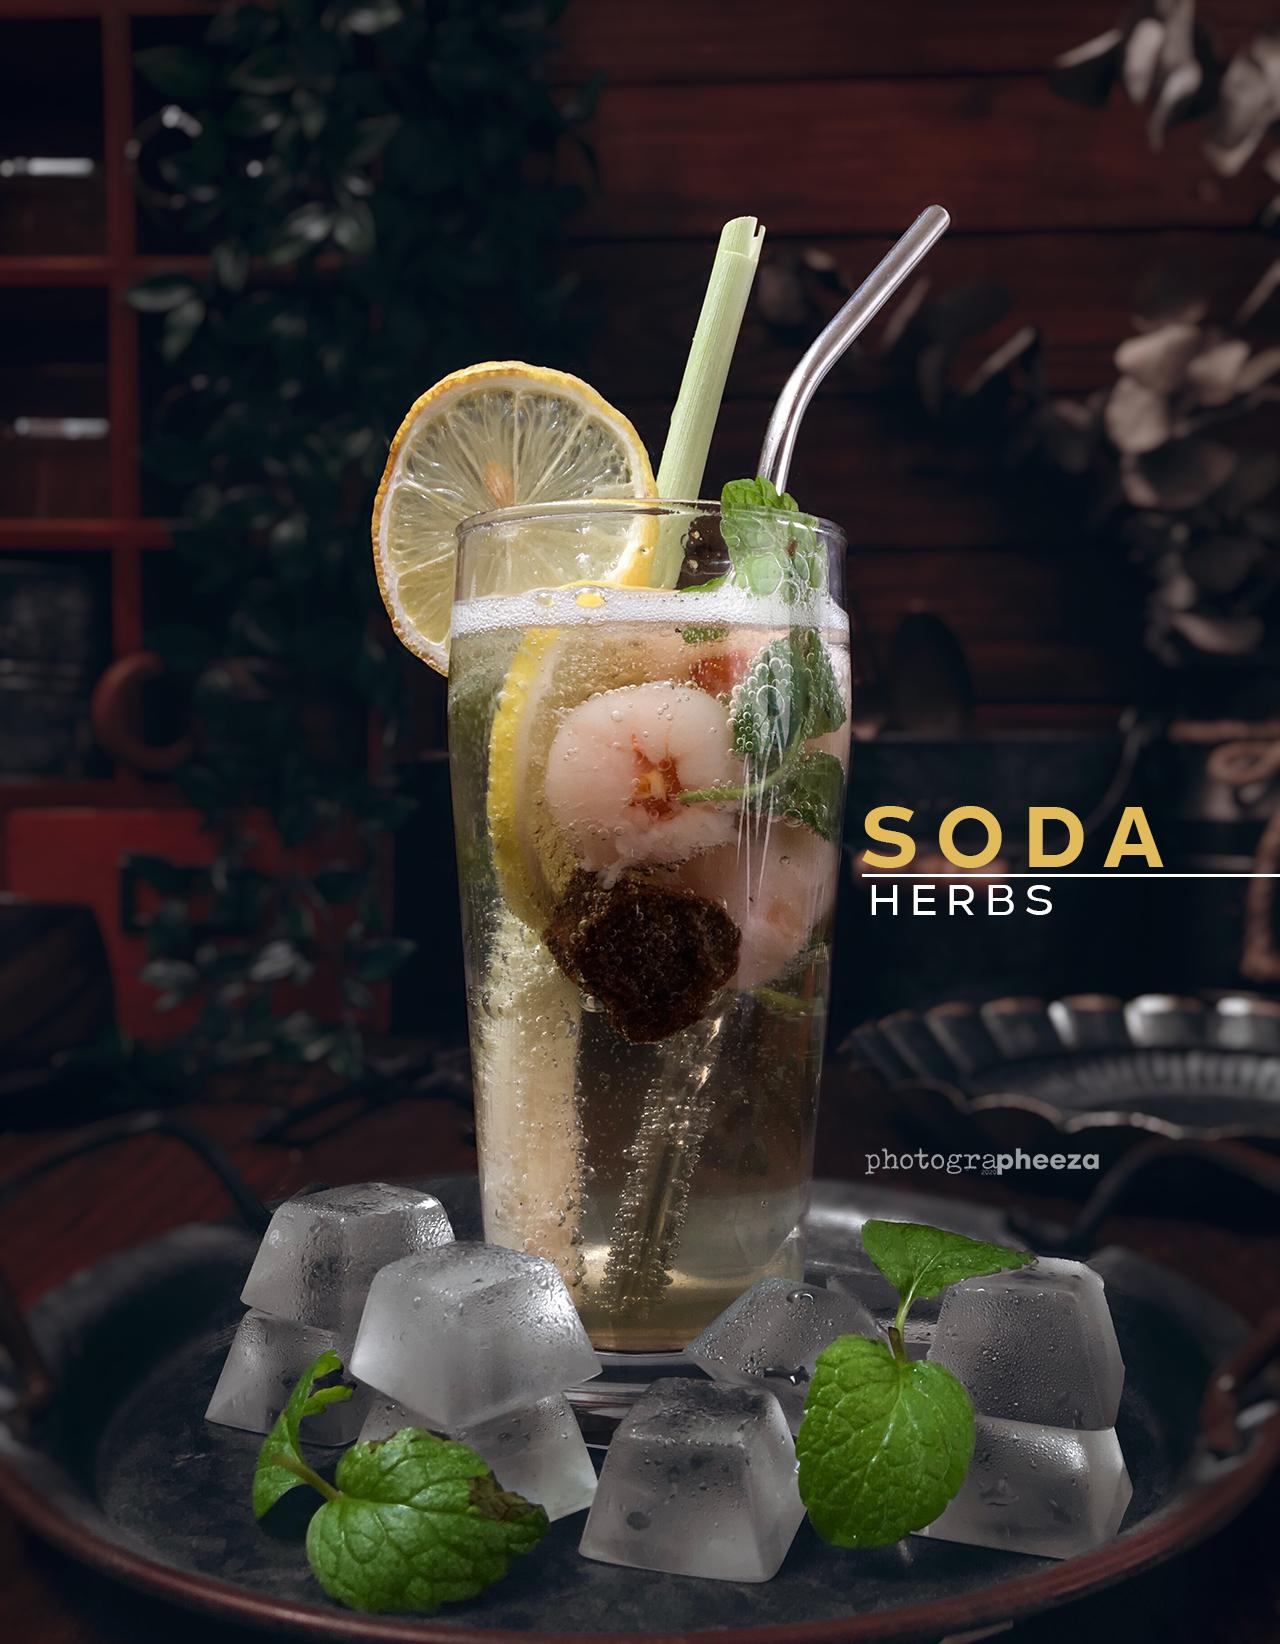 Soda Herbs